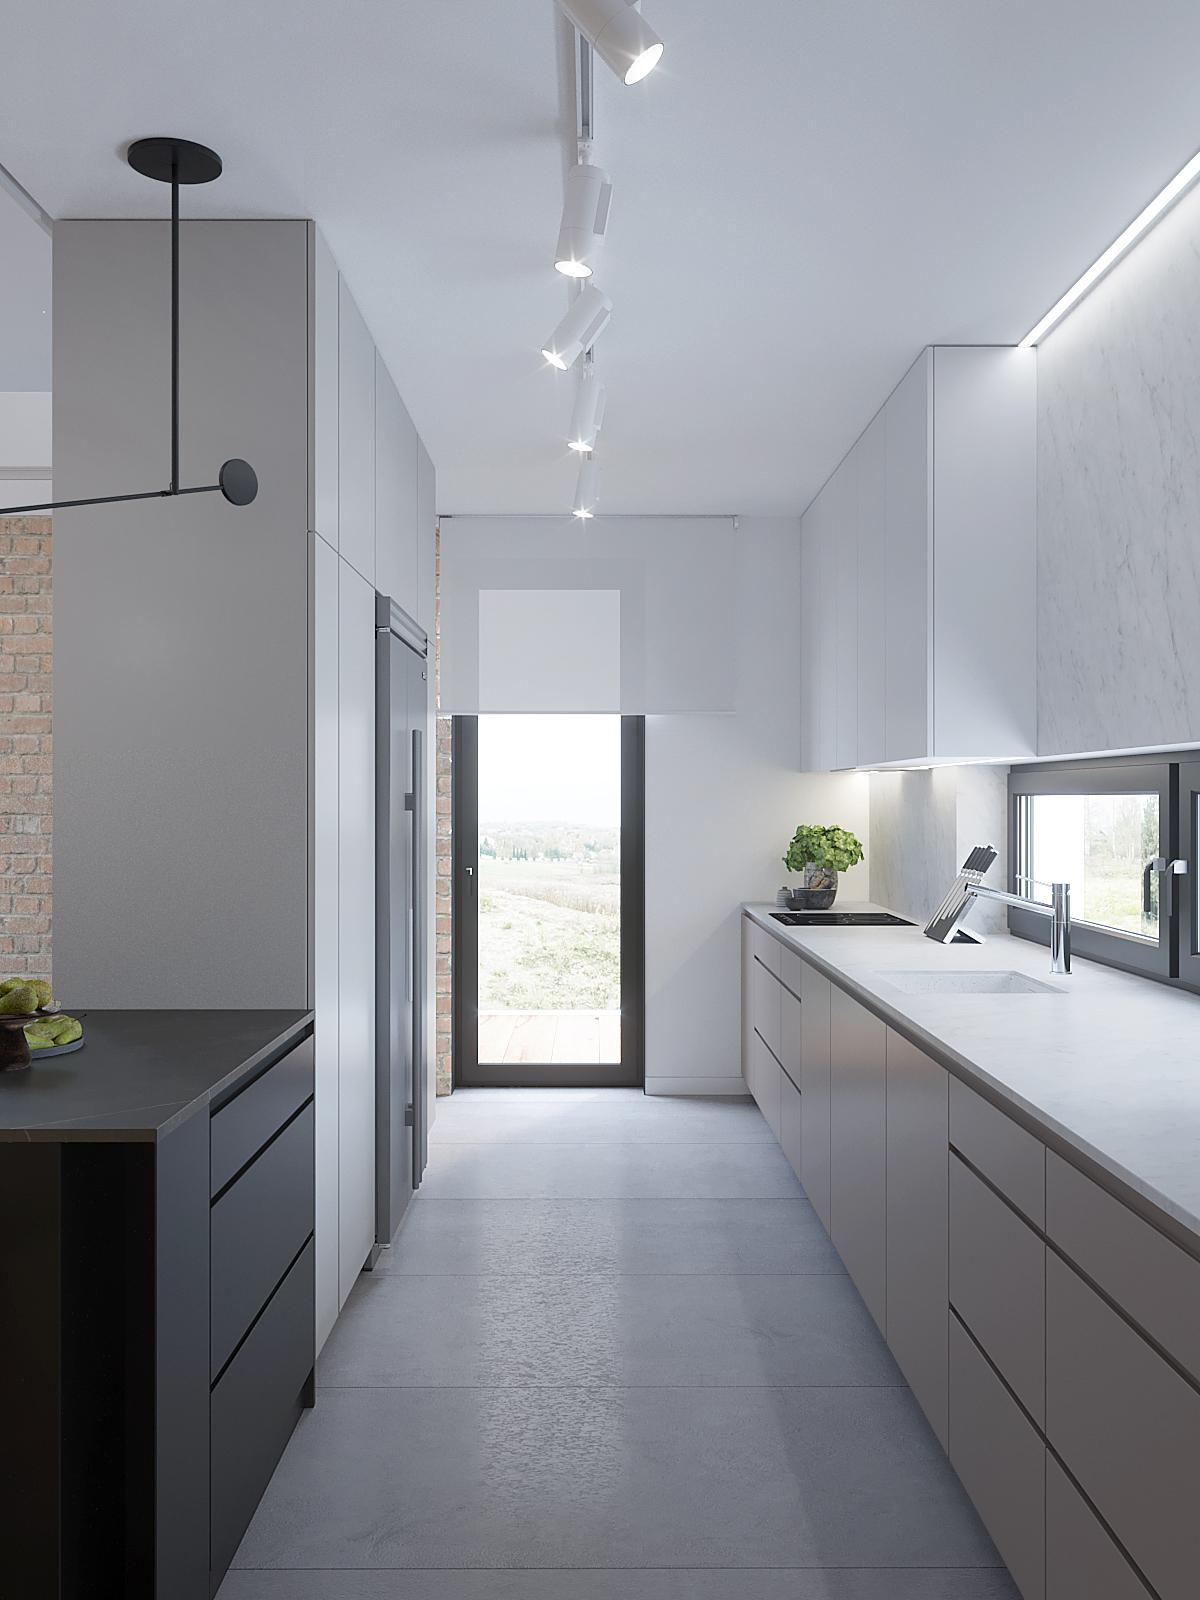 9 architekt wnetrz D428 dom Ruda Slaska kuchnia wysoka zabudowa z lodowka side by side bialy blat bezowe fronty wyspa w kuchni